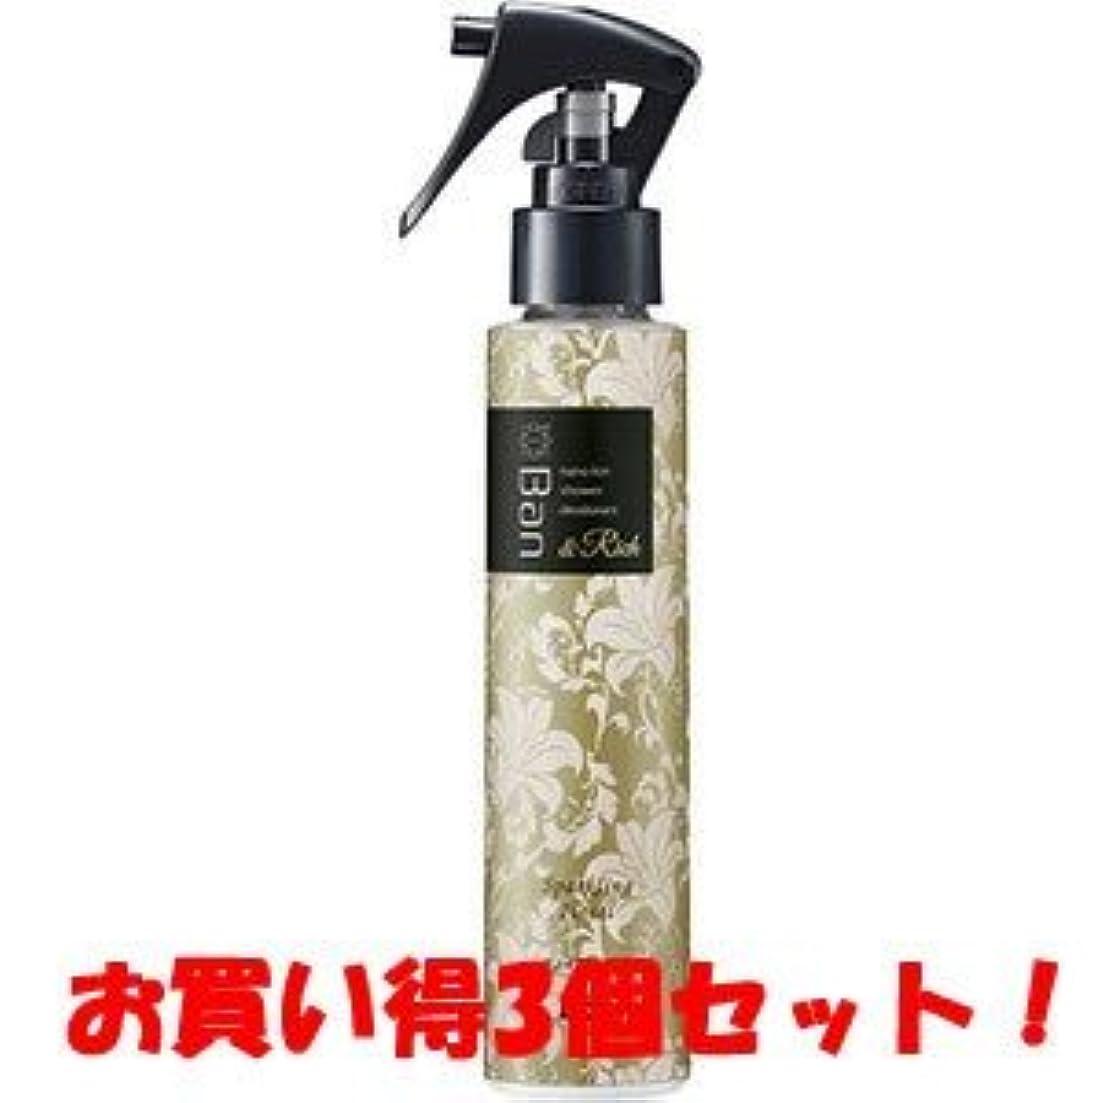 平和な植生ぼんやりした(2016年冬の新商品)(ライオン)Ban(バン) シャワーデオドラント&Rich スパークリングフローラルの香り 120ml(医薬部外品)(お買い得3個セット)